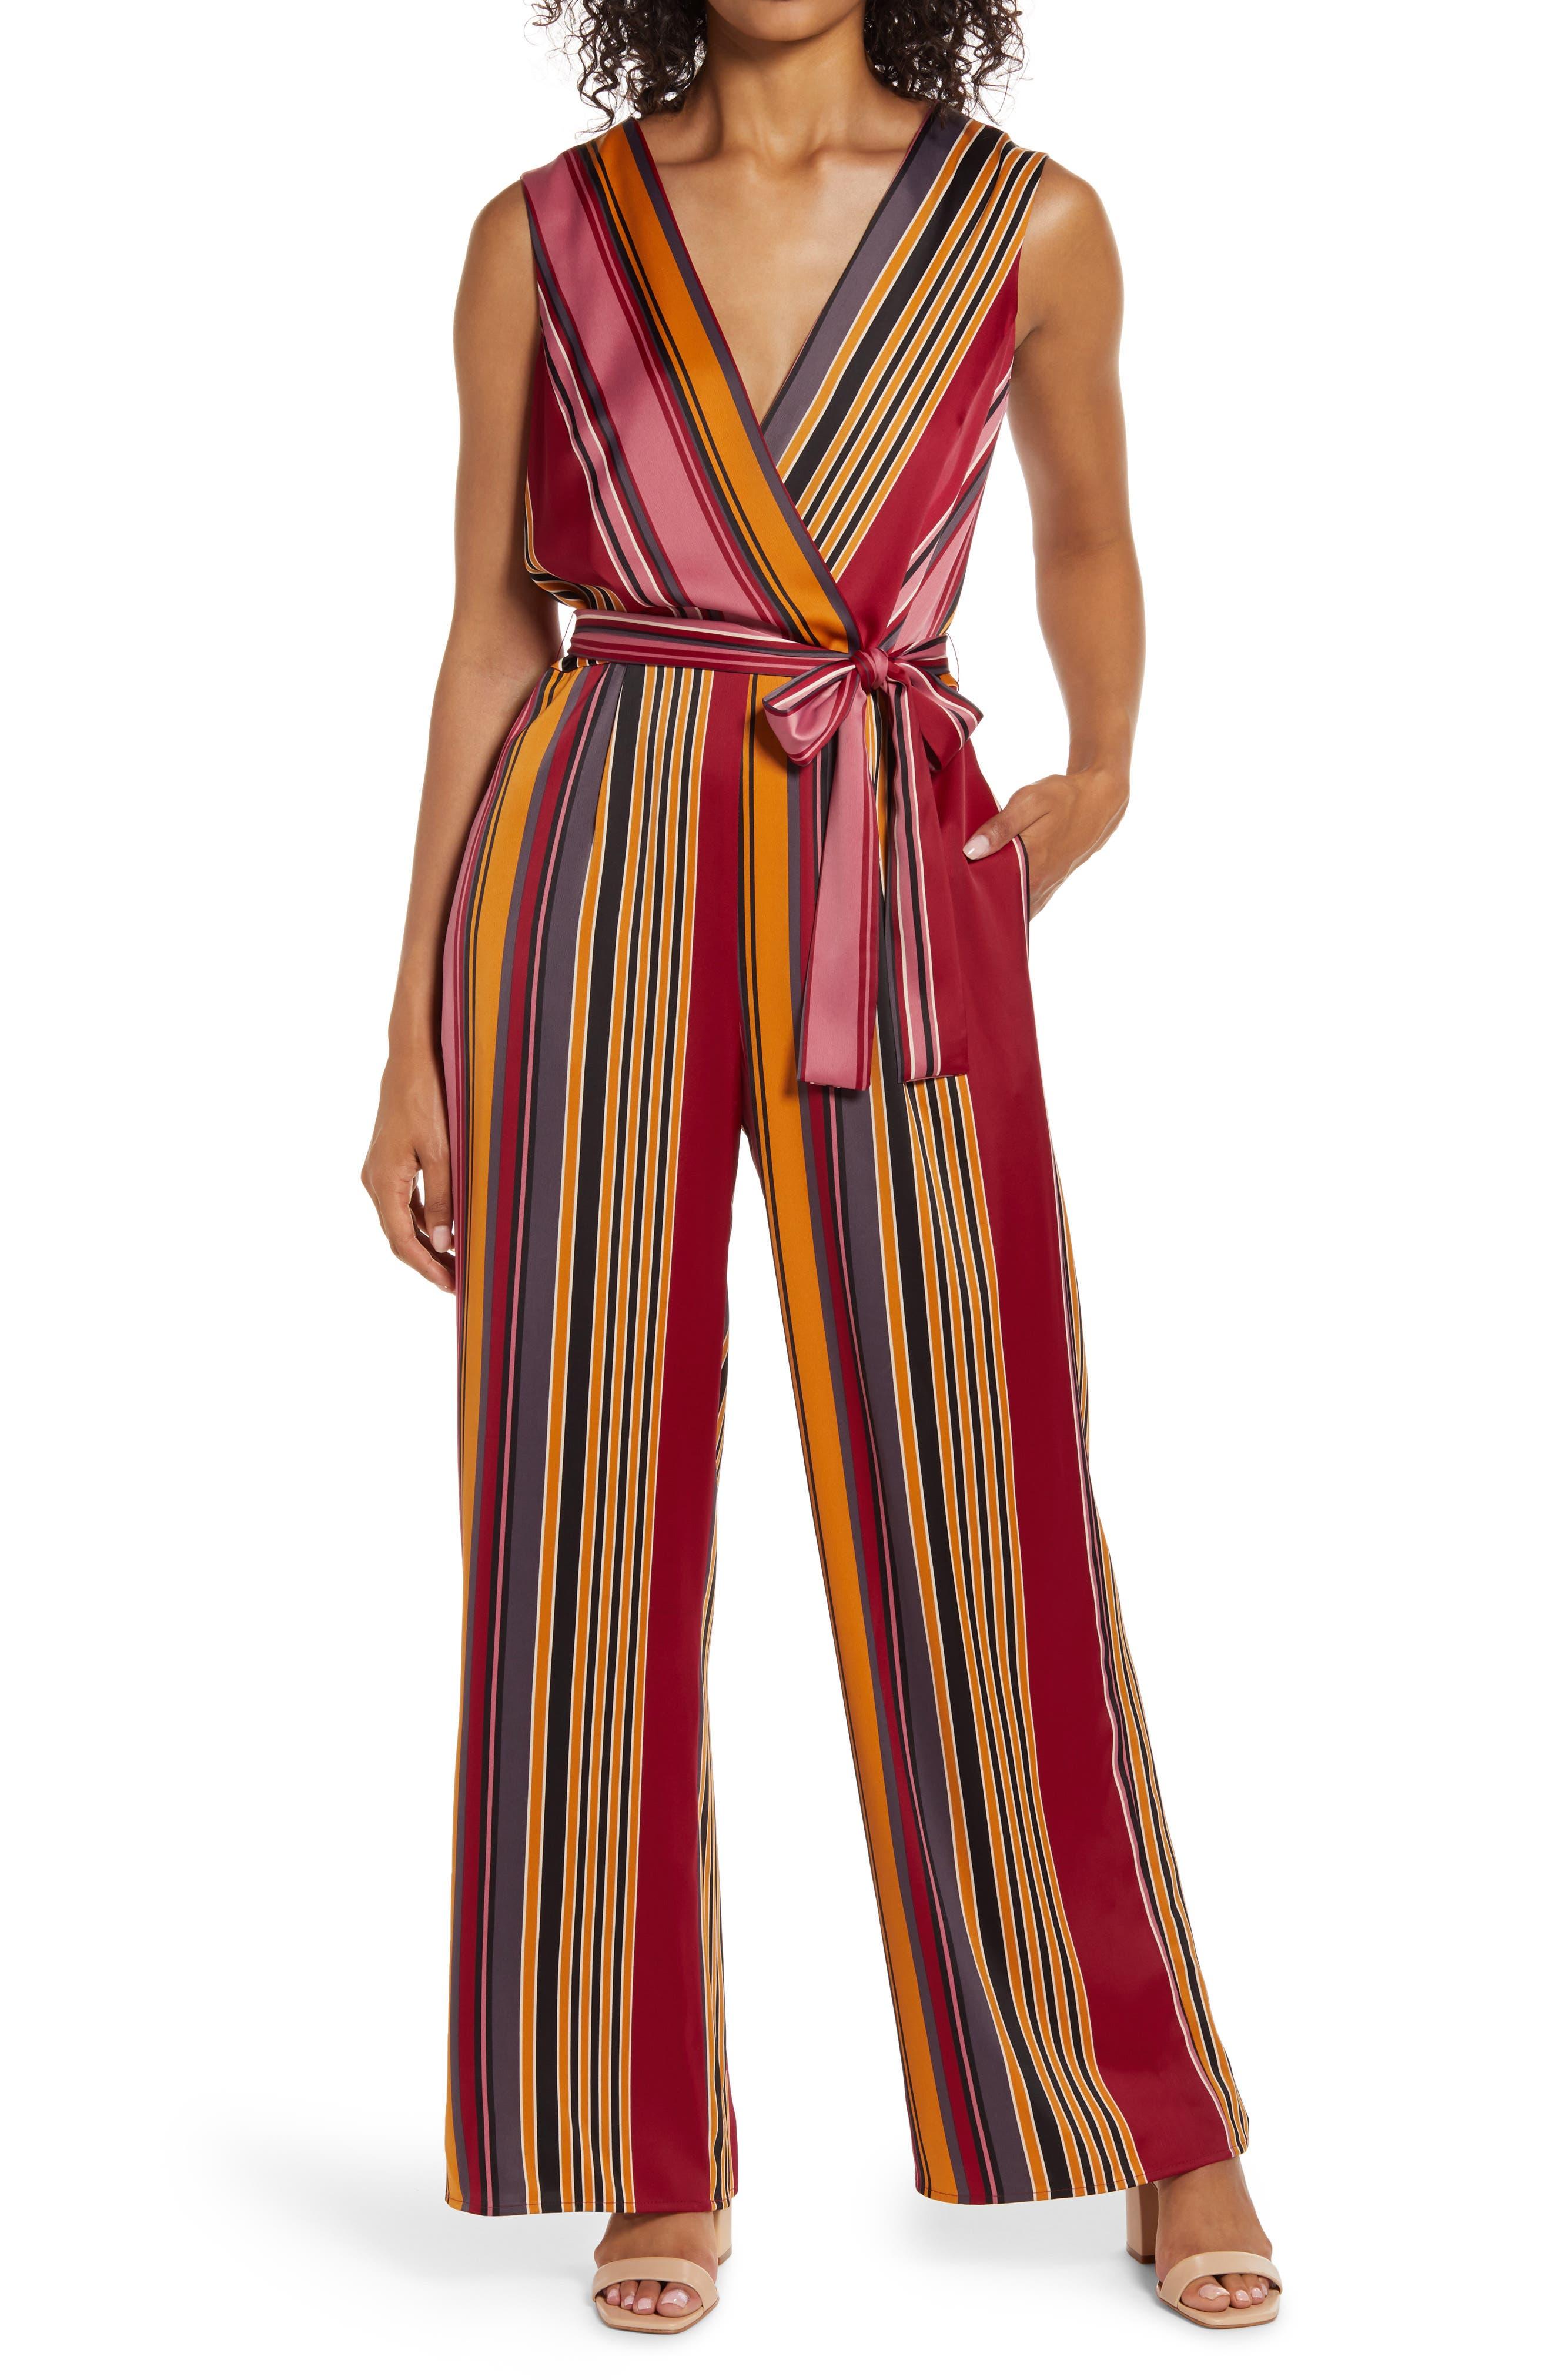 70s Jumpsuit | Disco Jumpsuits, Sequin Rompers Womens Maggy London Stripe Wide Leg Jumpsuit $99.90 AT vintagedancer.com